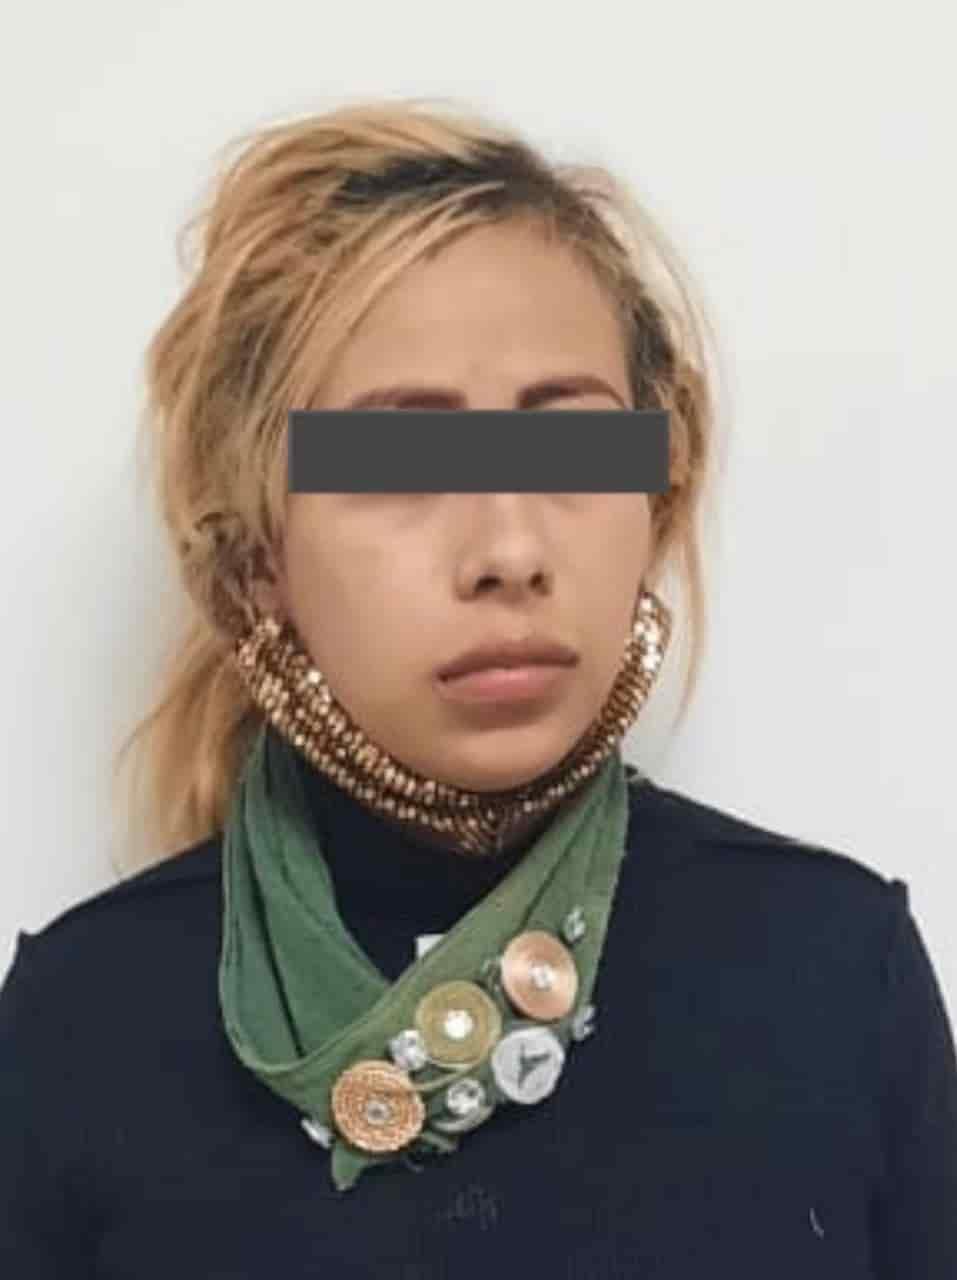 contactaba a hombres mediante Facebook para seducirlos, luego los citaba y dormía con medicamentos controlados para posteriormente robarlos